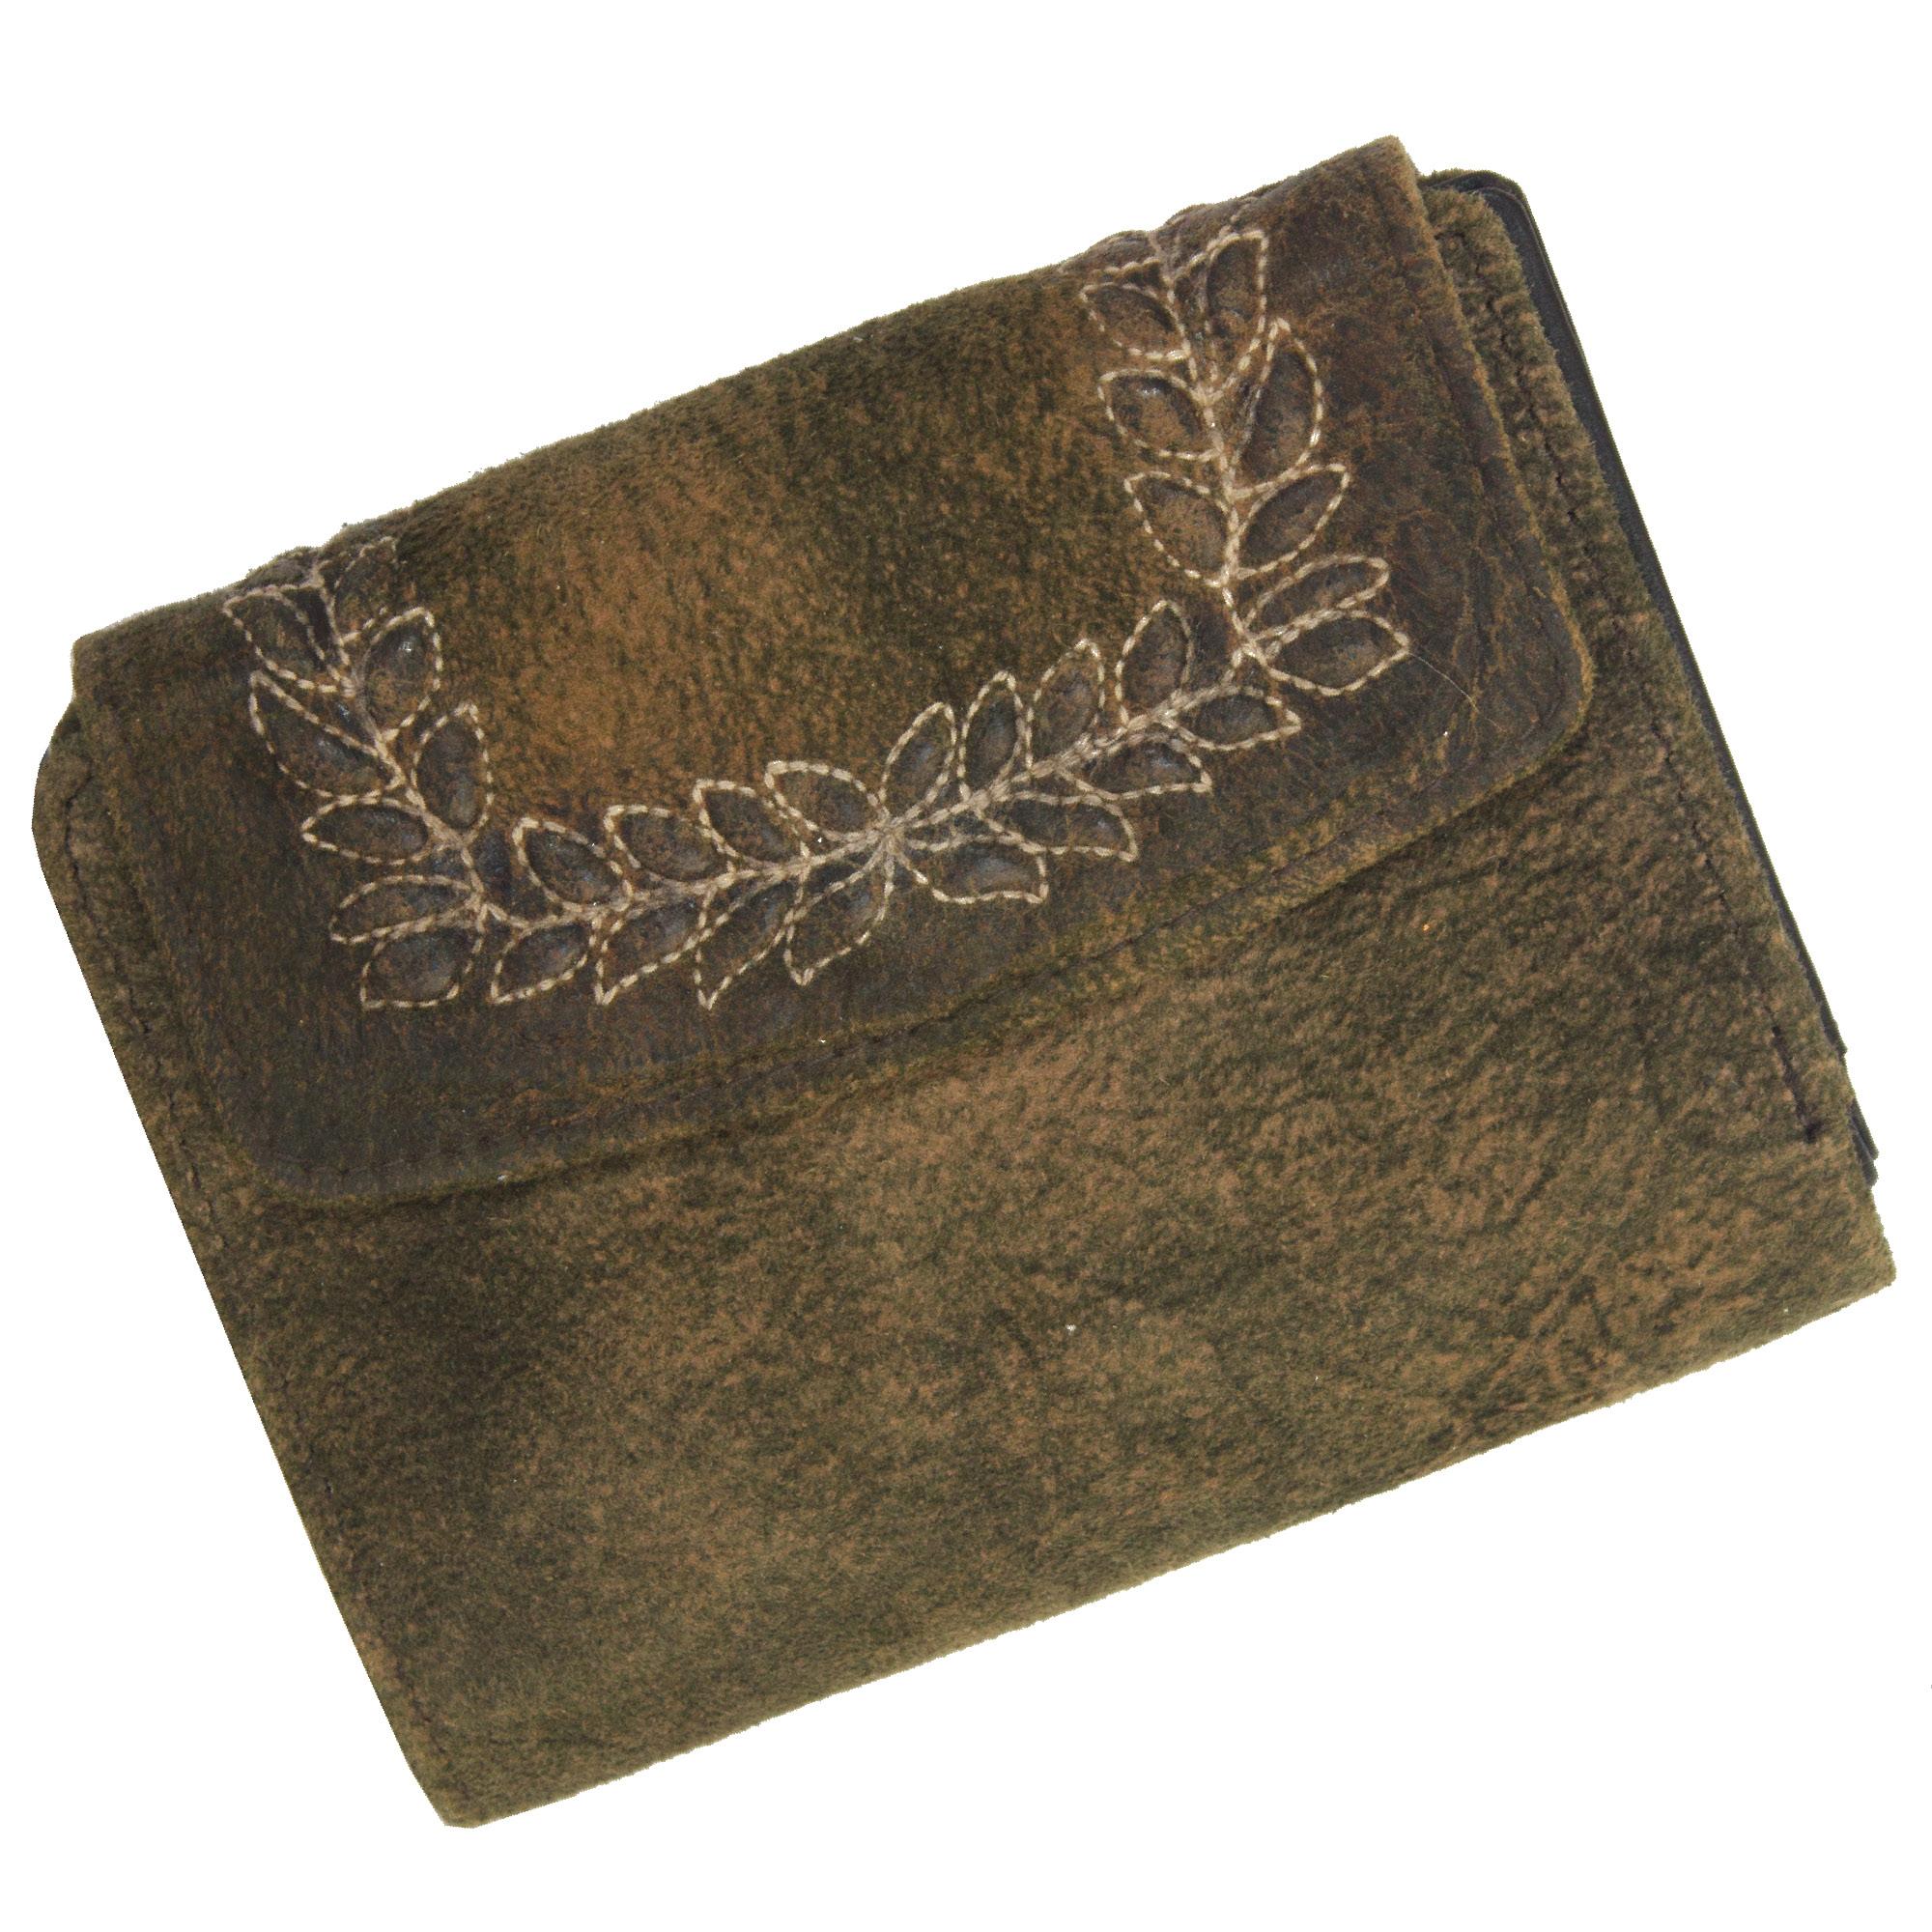 3f8bc82aec70e Domelo Damen Leder Geldbörse Geldbeutel Portemonnaie Brieftasche weichem  Leder bestickt braun